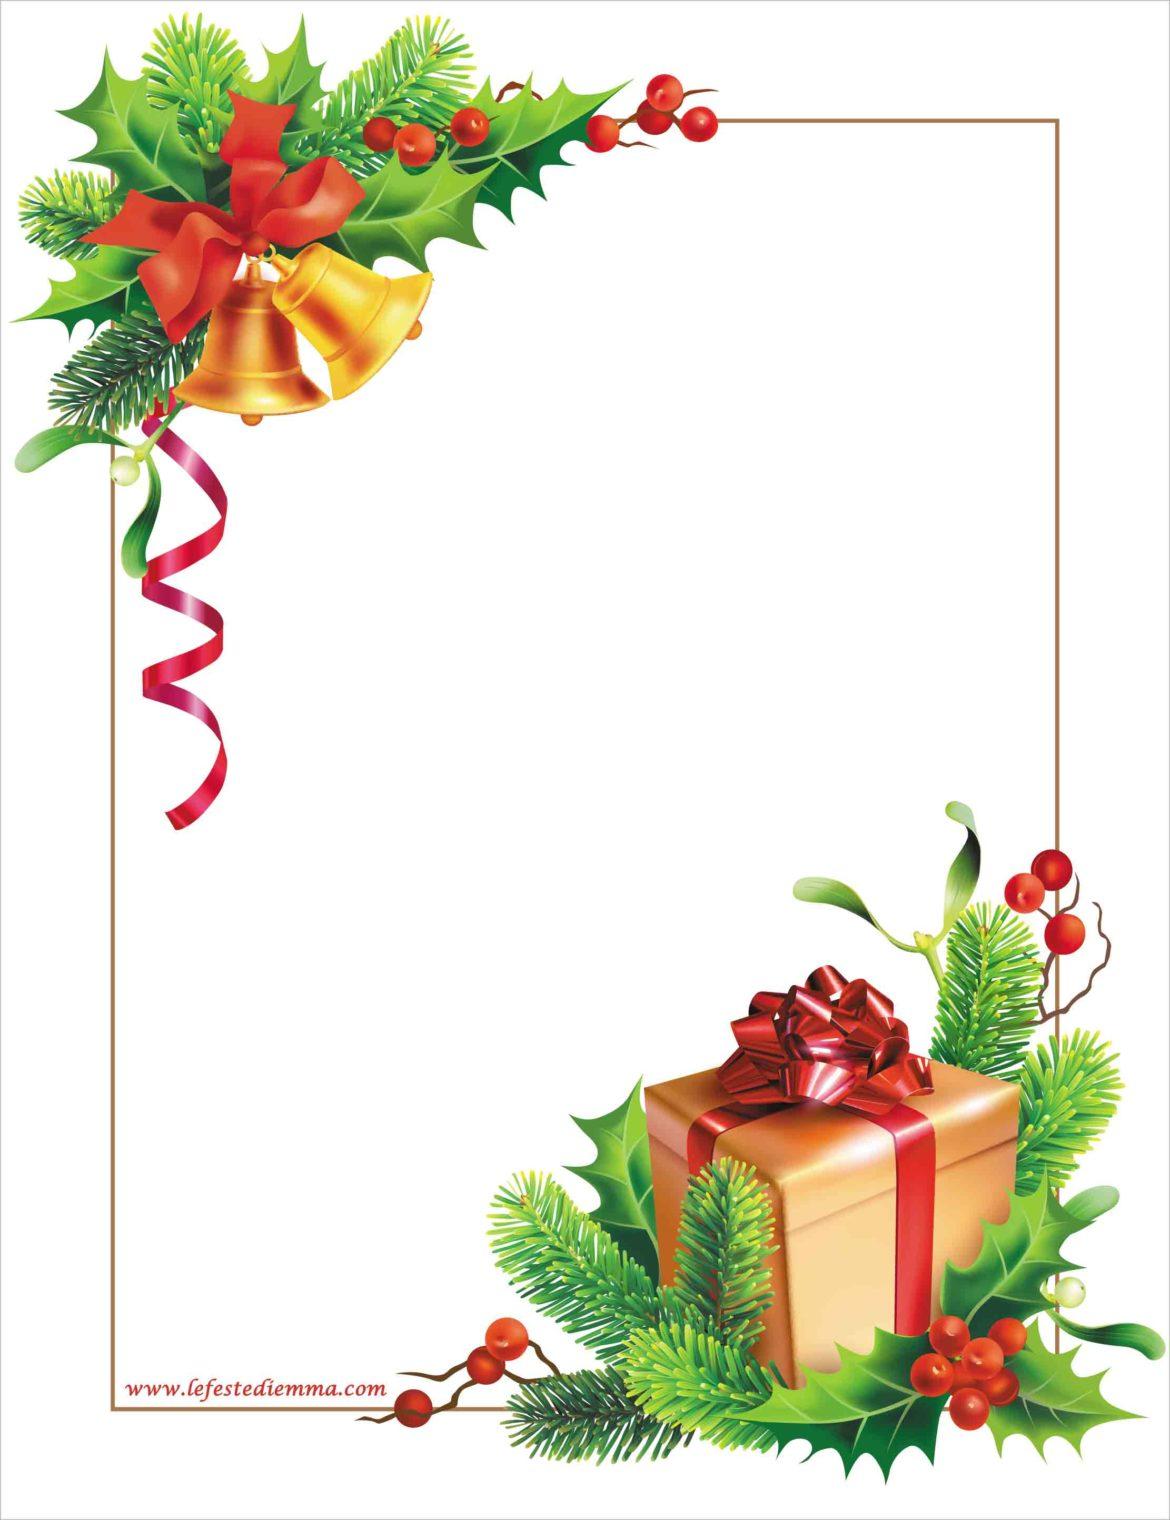 Letterine Di Natale.Letterine Di Natale Scrivere A Babbo Natale Auguri Di